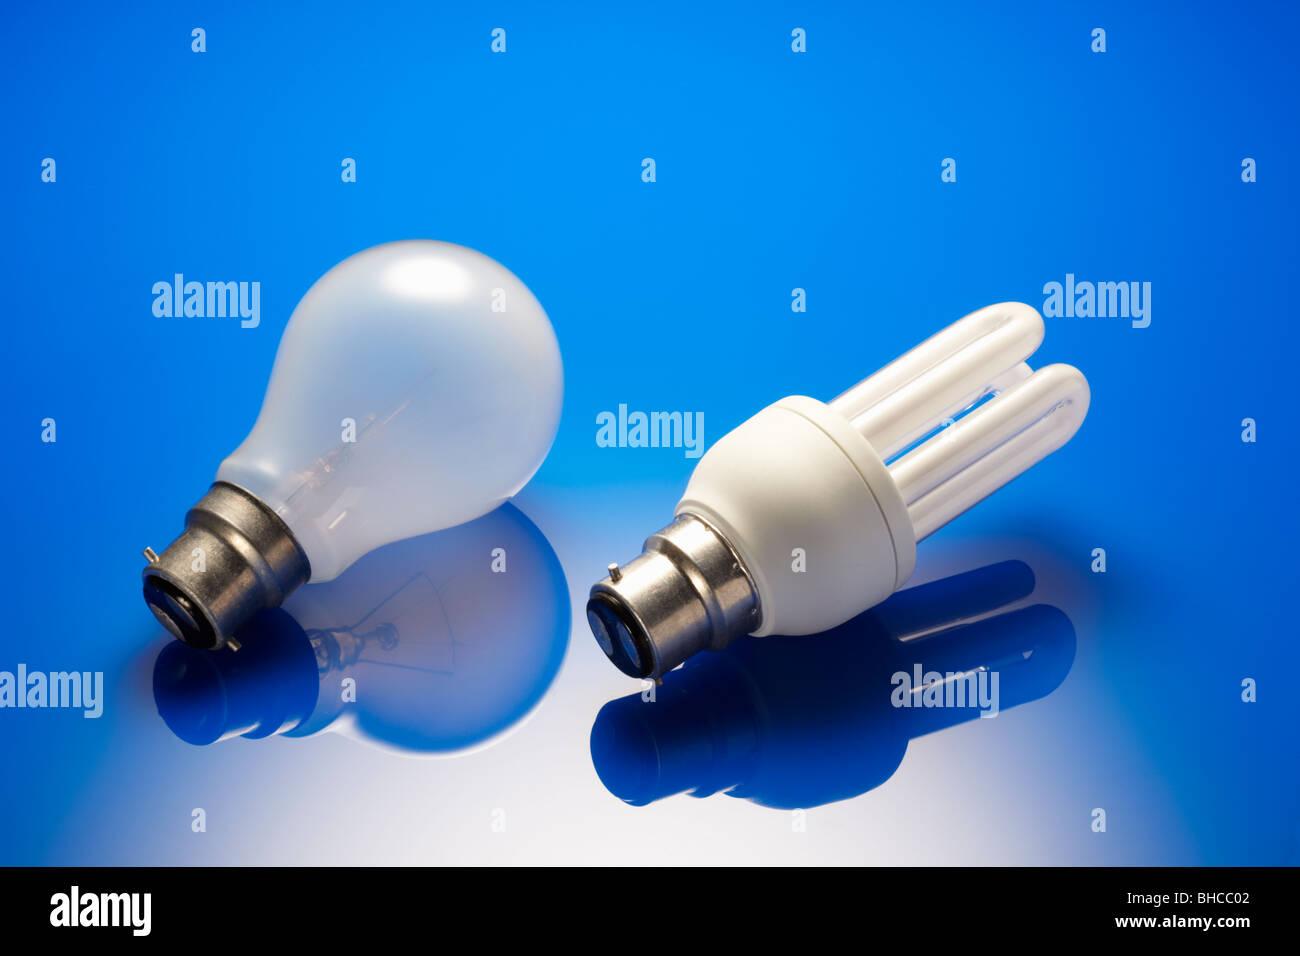 Energy Saving Light Bulb and Standard Light Bulb - Stock Image